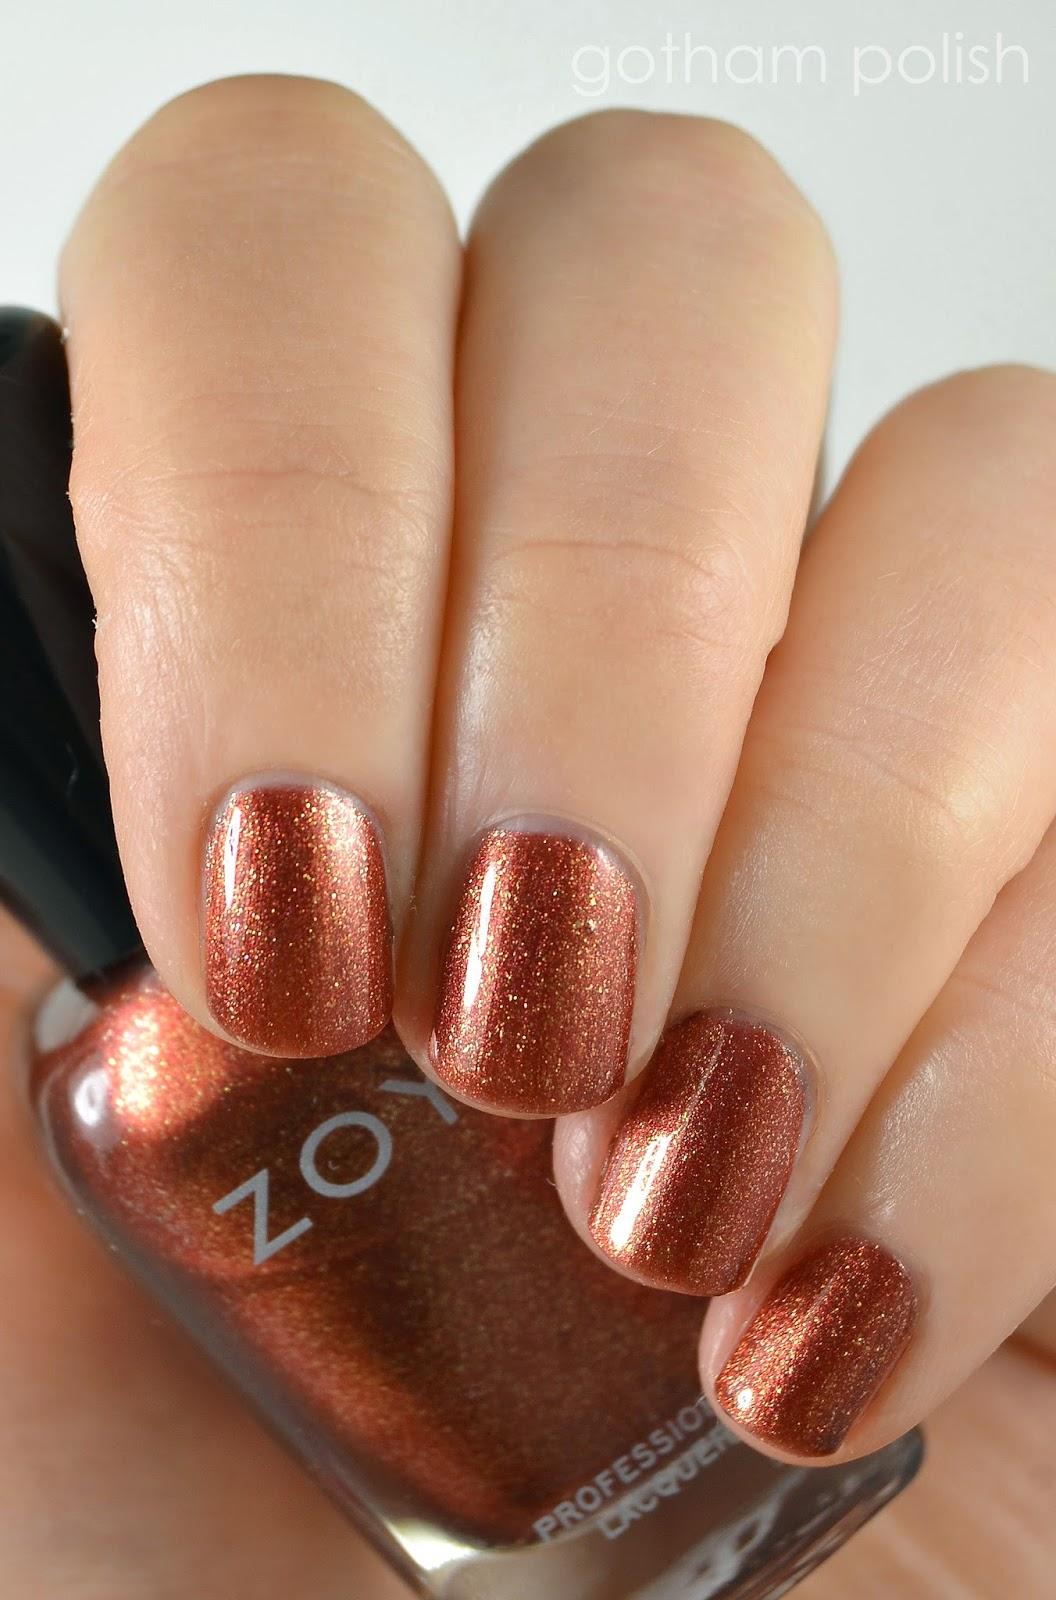 Zoya Autumn